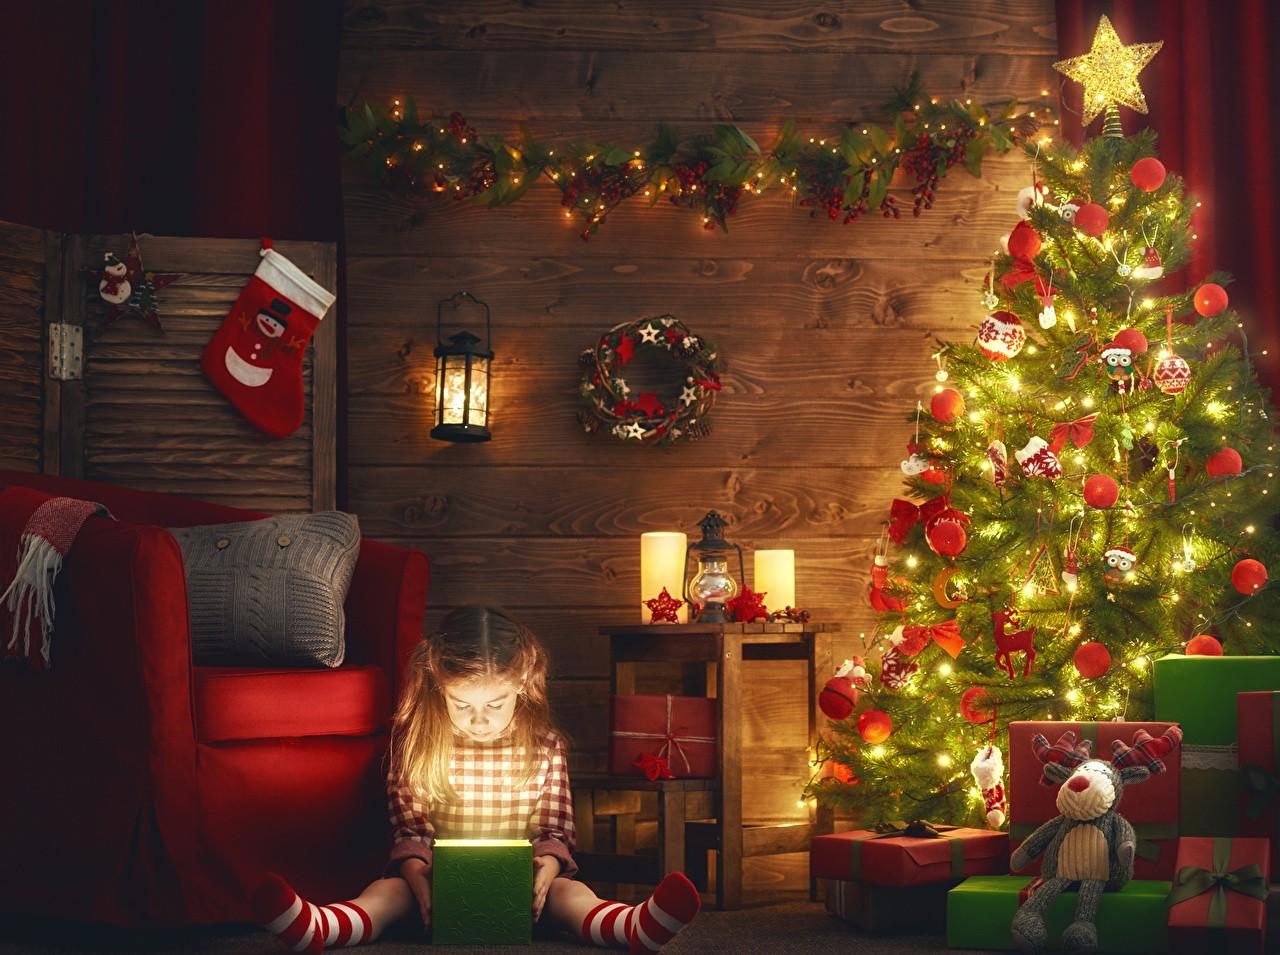 Магия света - красивые гирлянды на елку